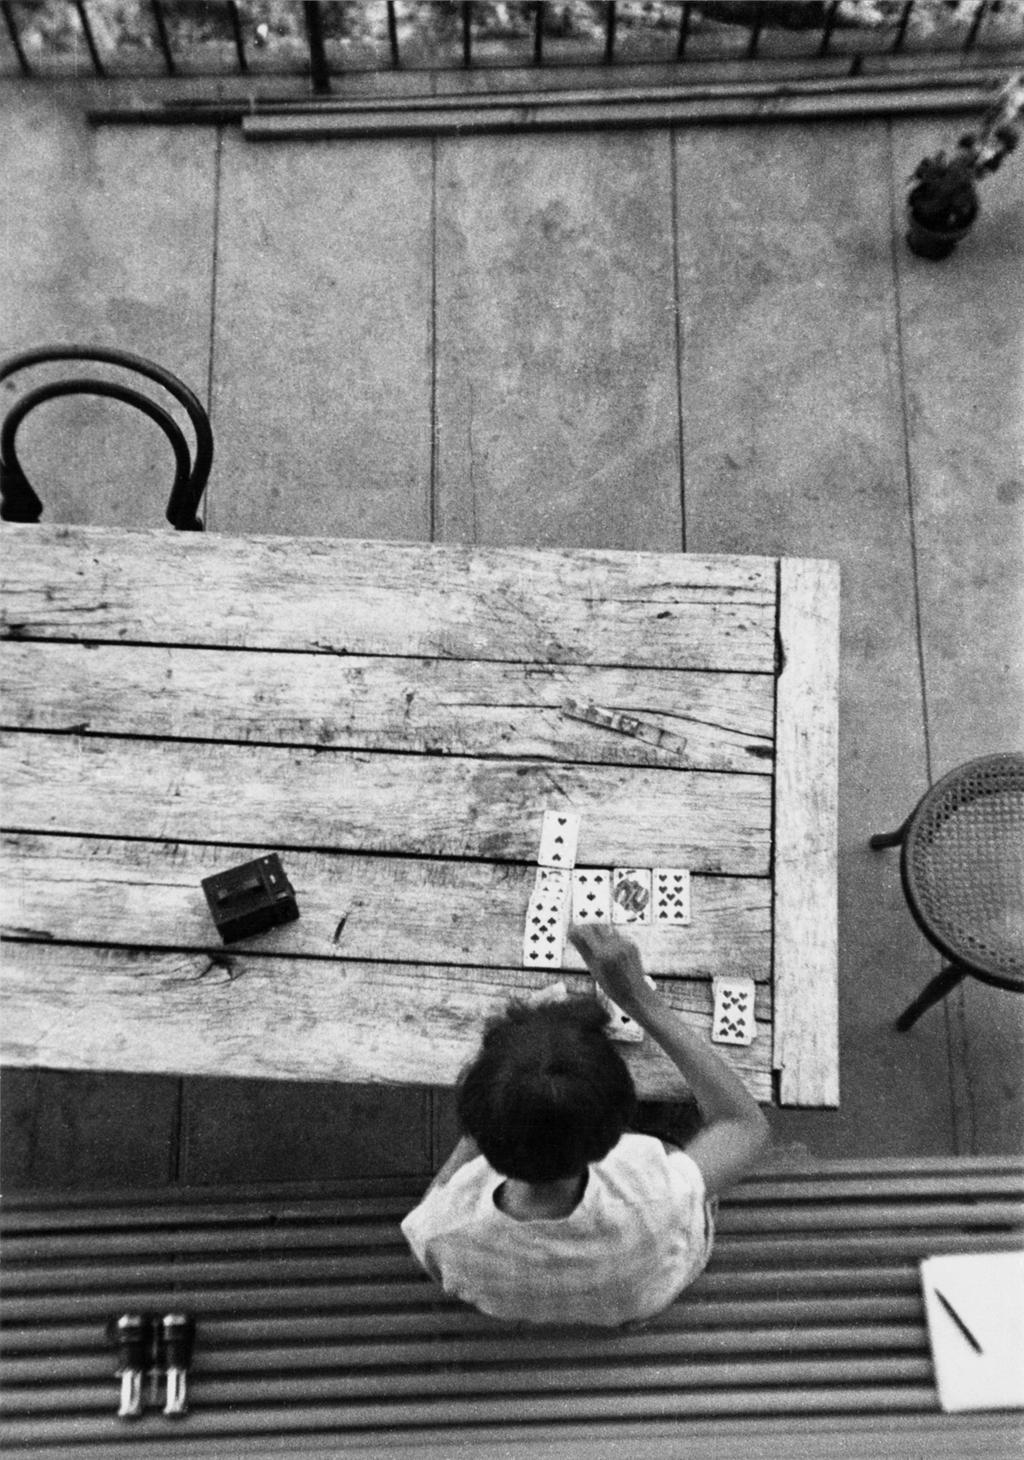 Saint-Gervais-les-Bains, Francia, 1929. - (André Kertész)